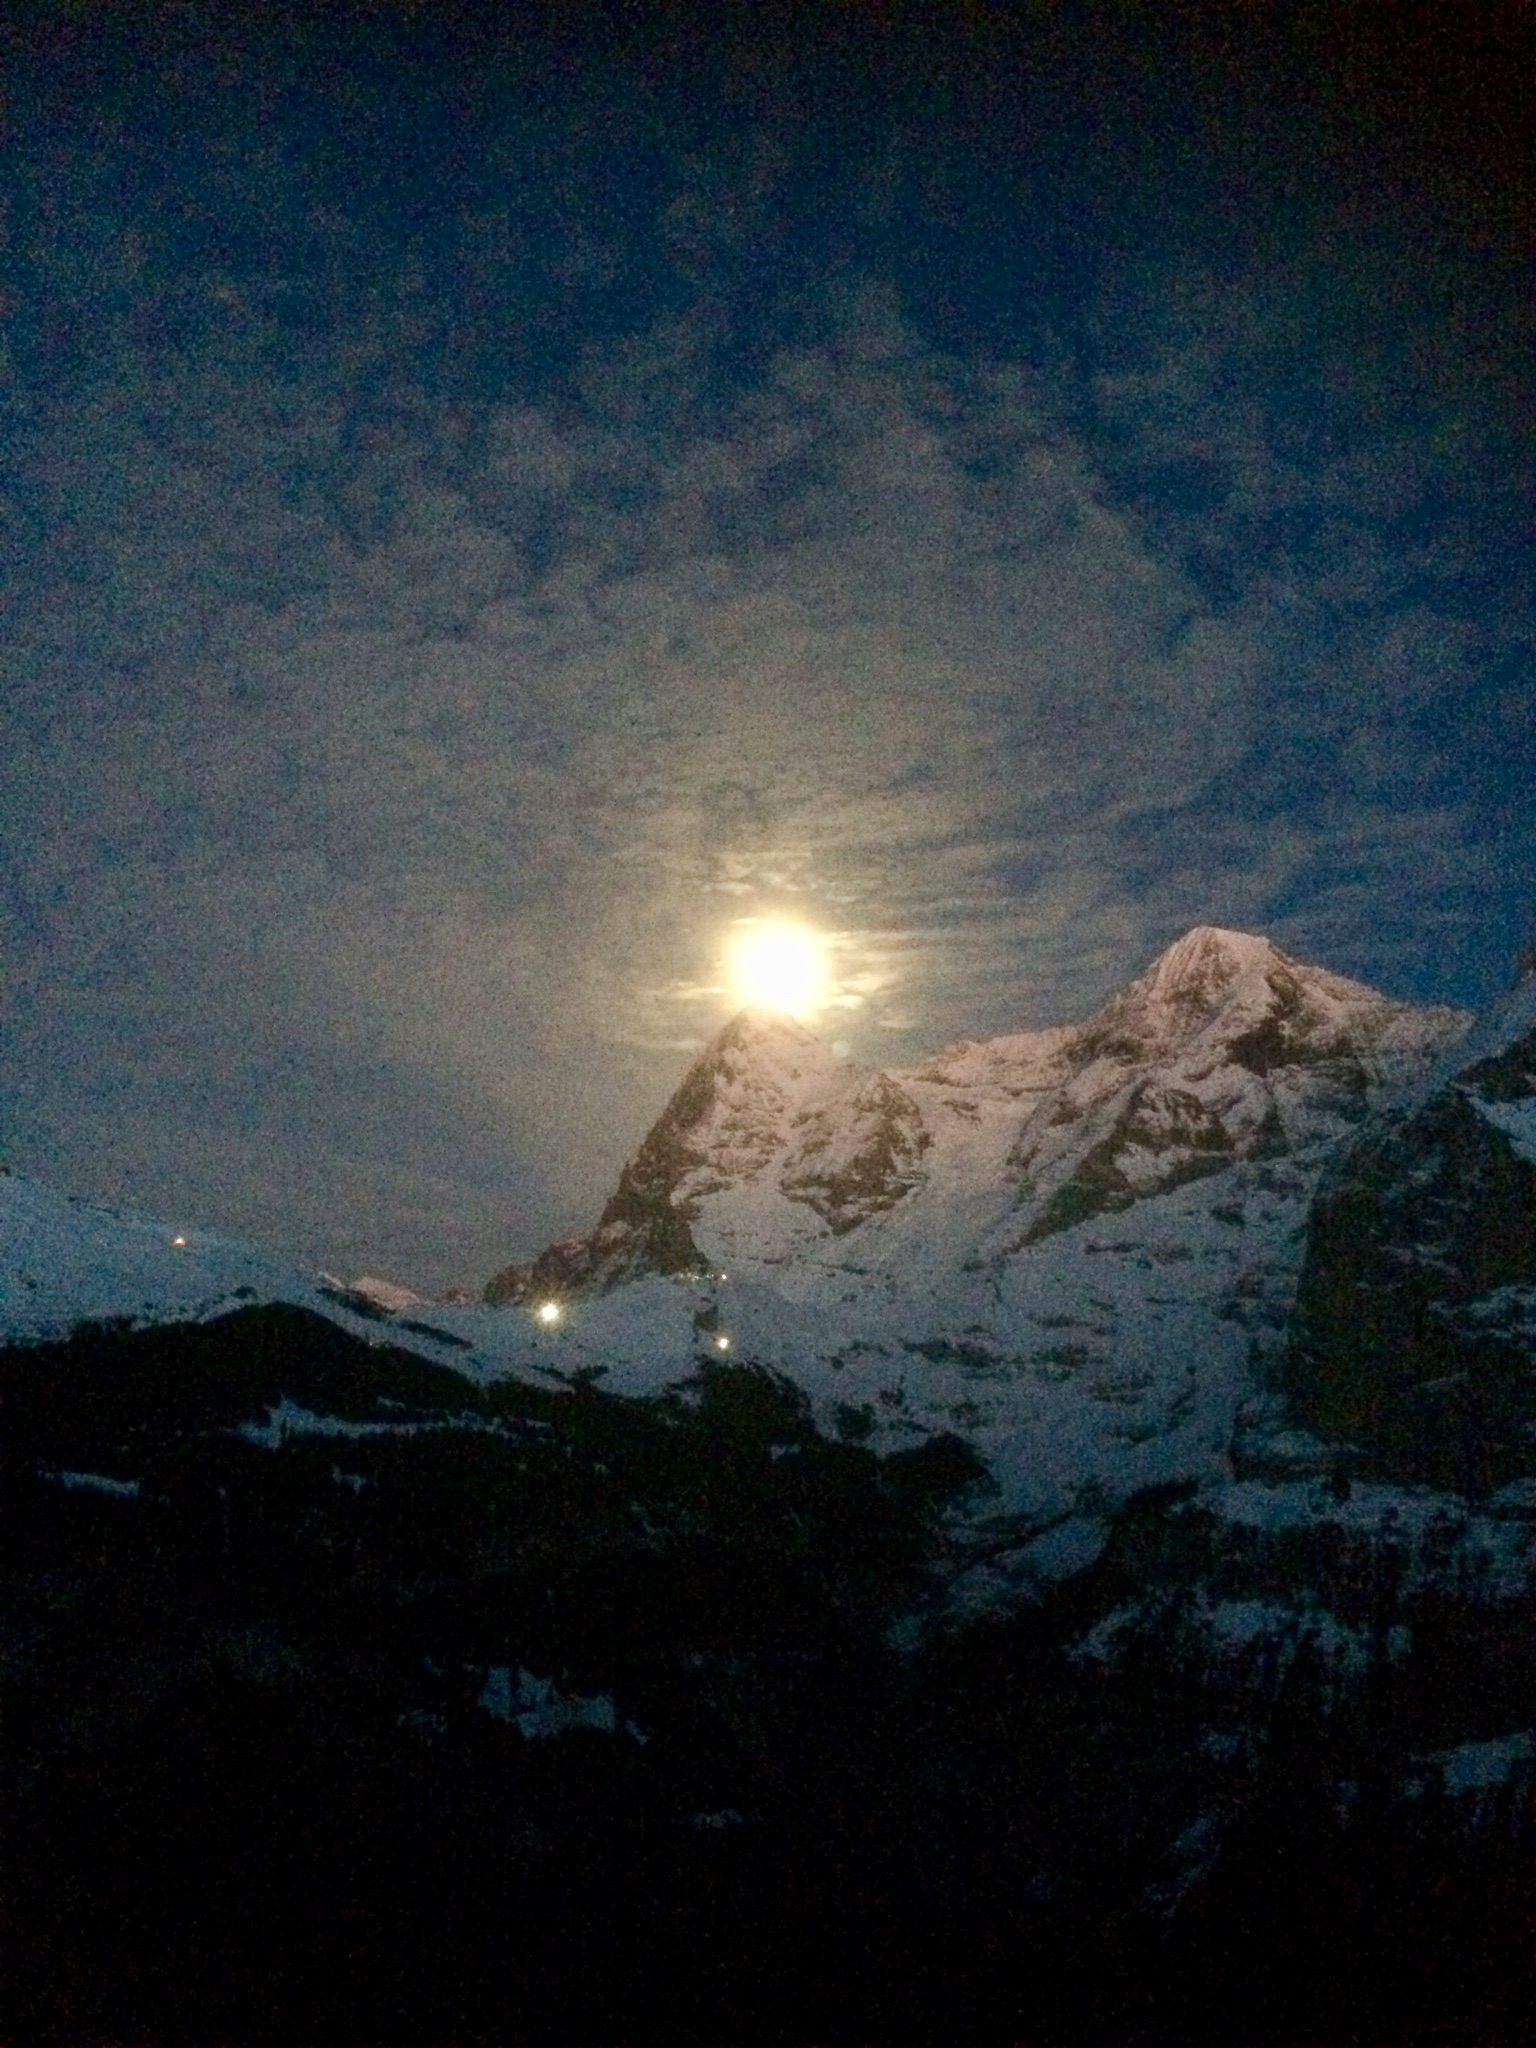 Full moon rises over the Eiger   January 2018, Mürren